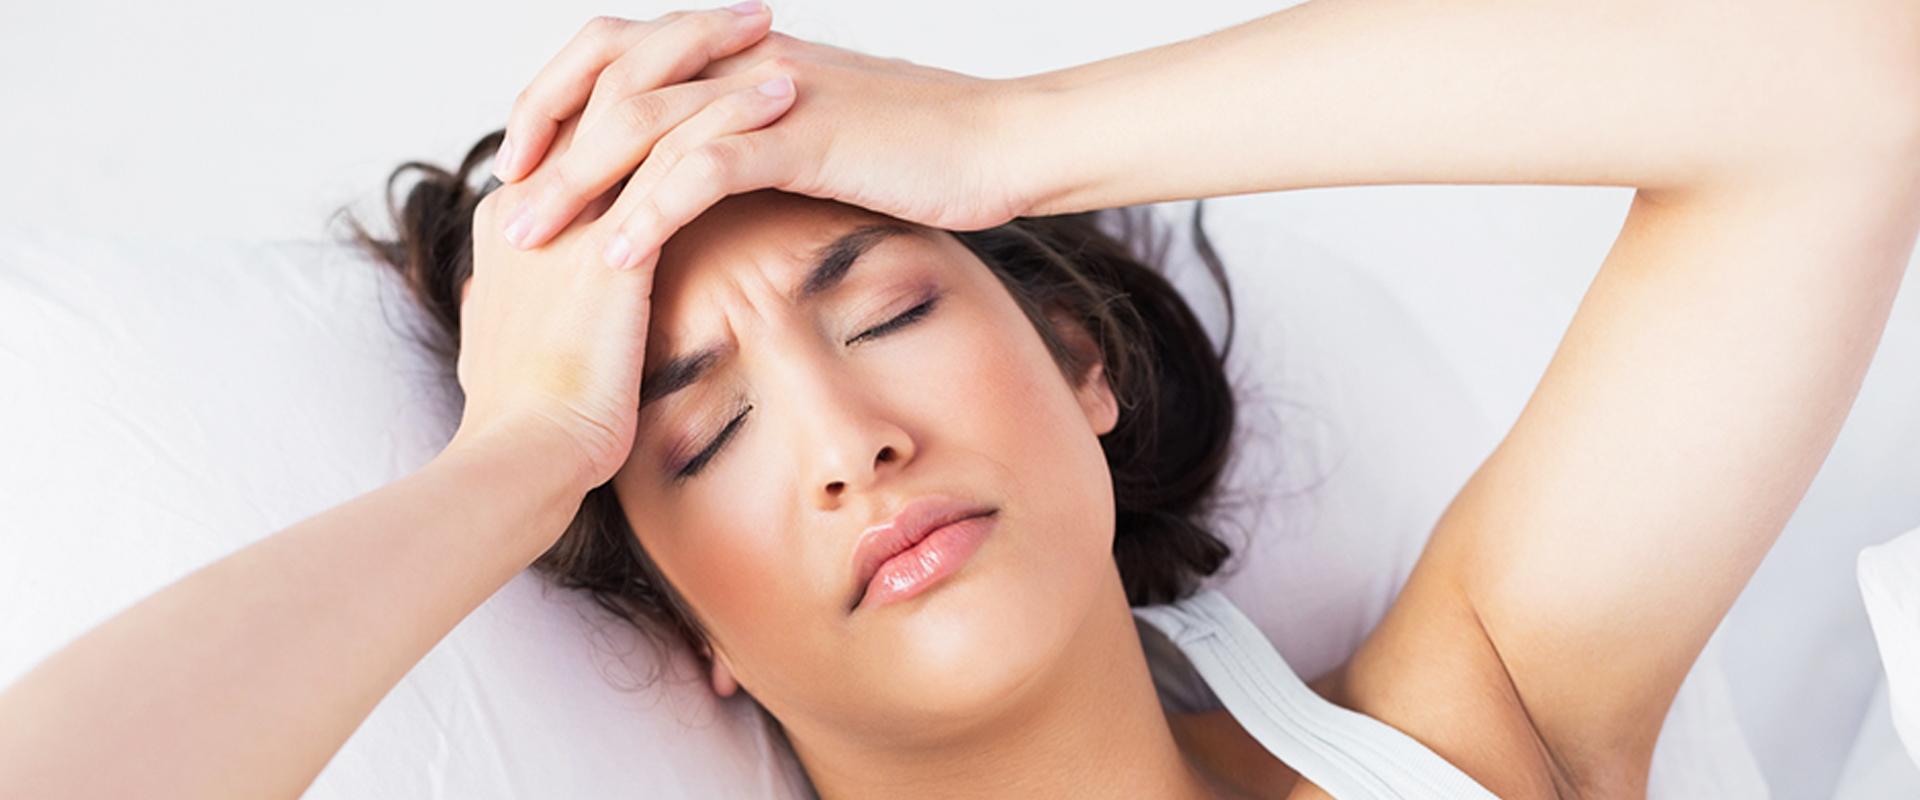 La falta de sueño aumenta los pensamientos negativos